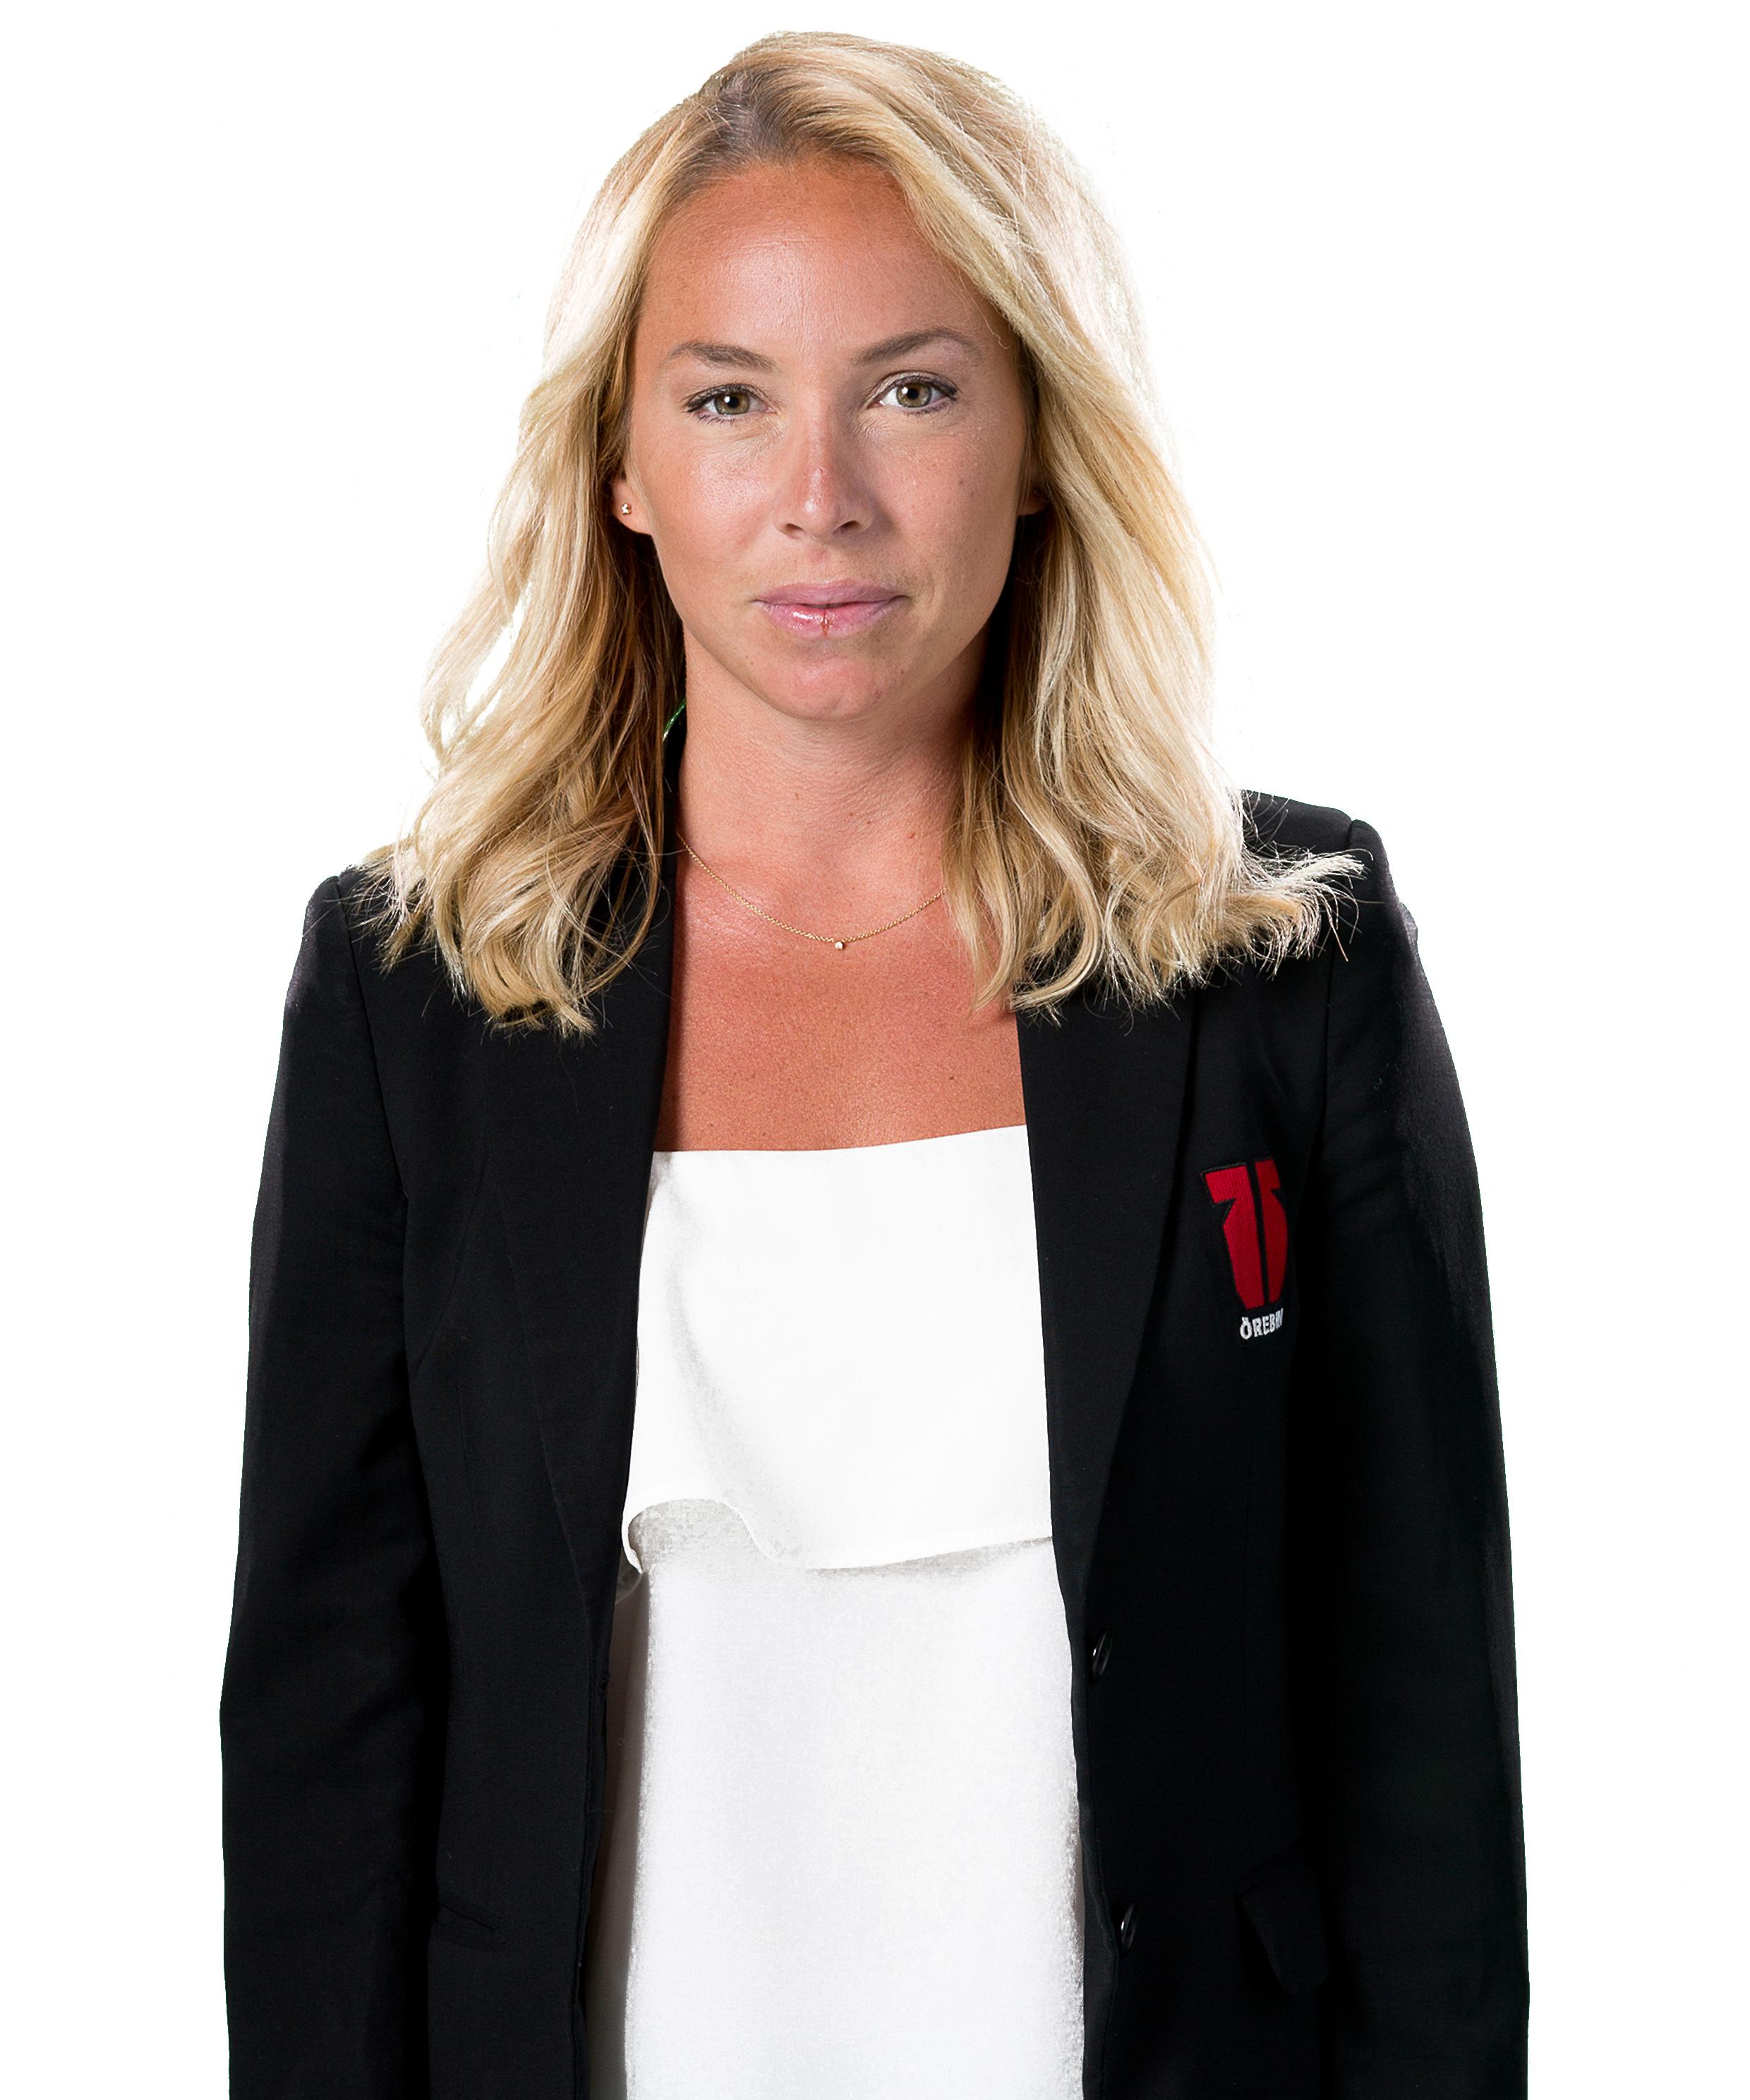 Emilie Wiklander